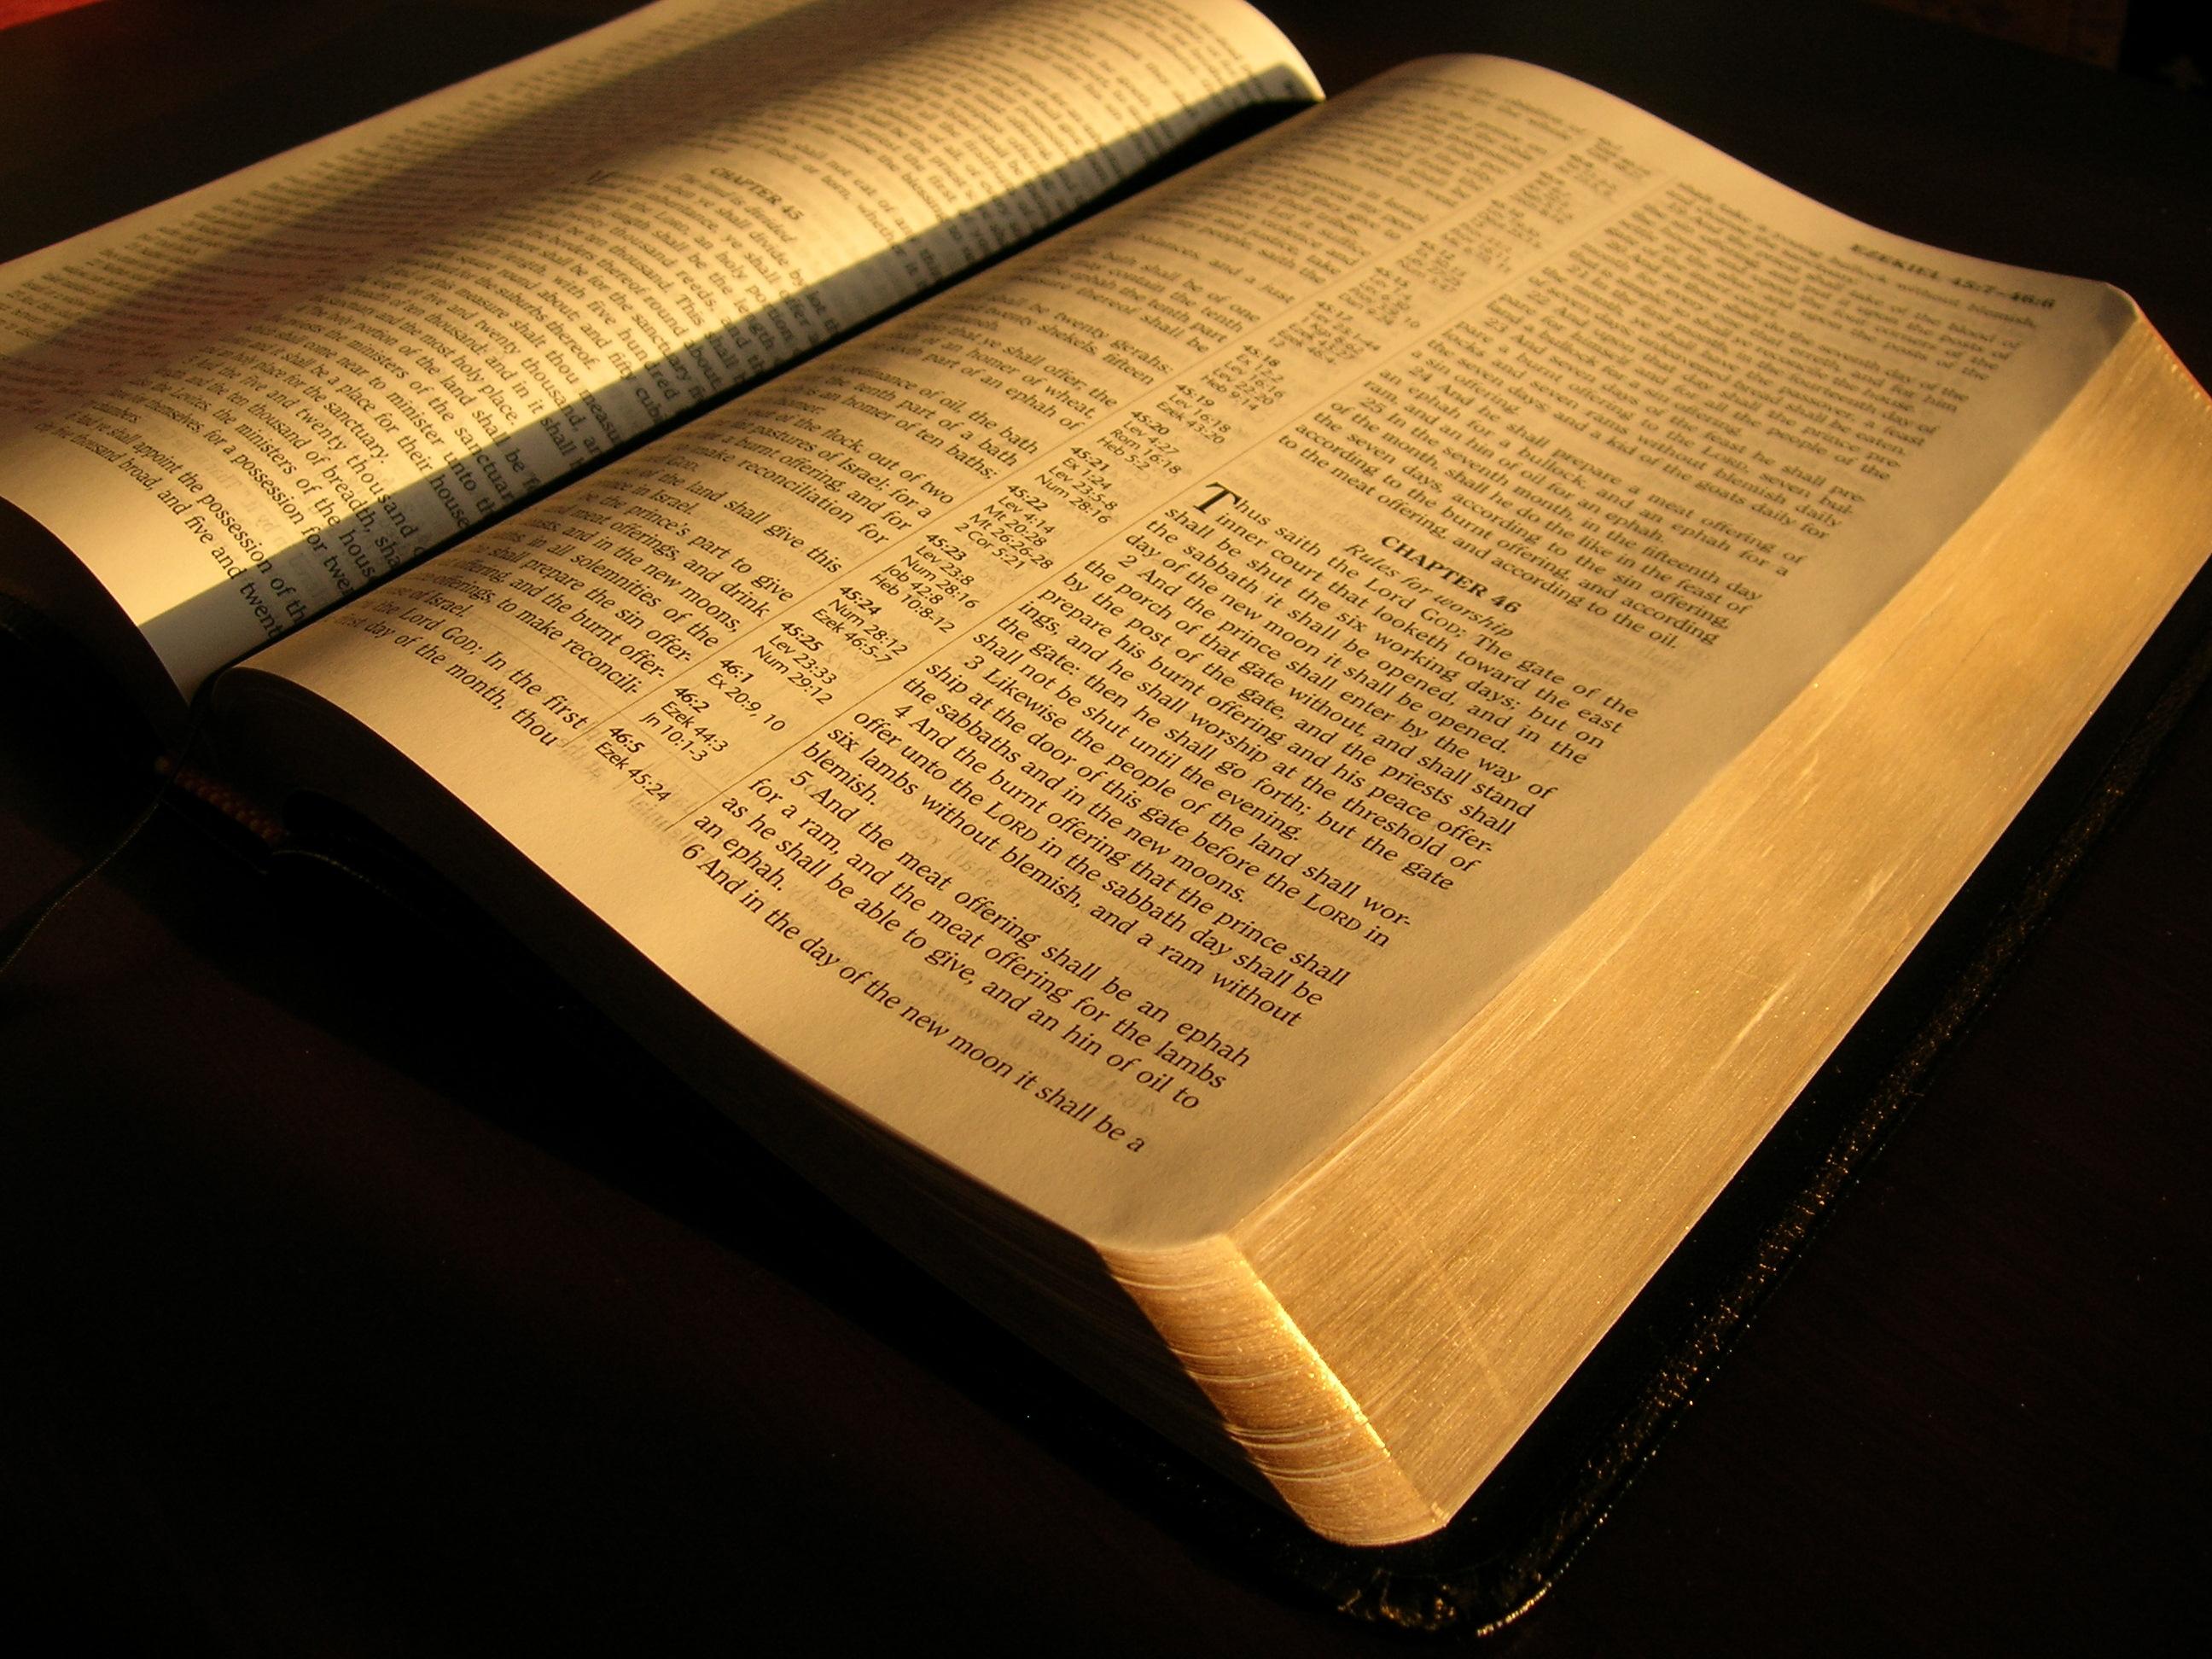 Bíblia em 1 ano – Leia o 280º dia16 min read